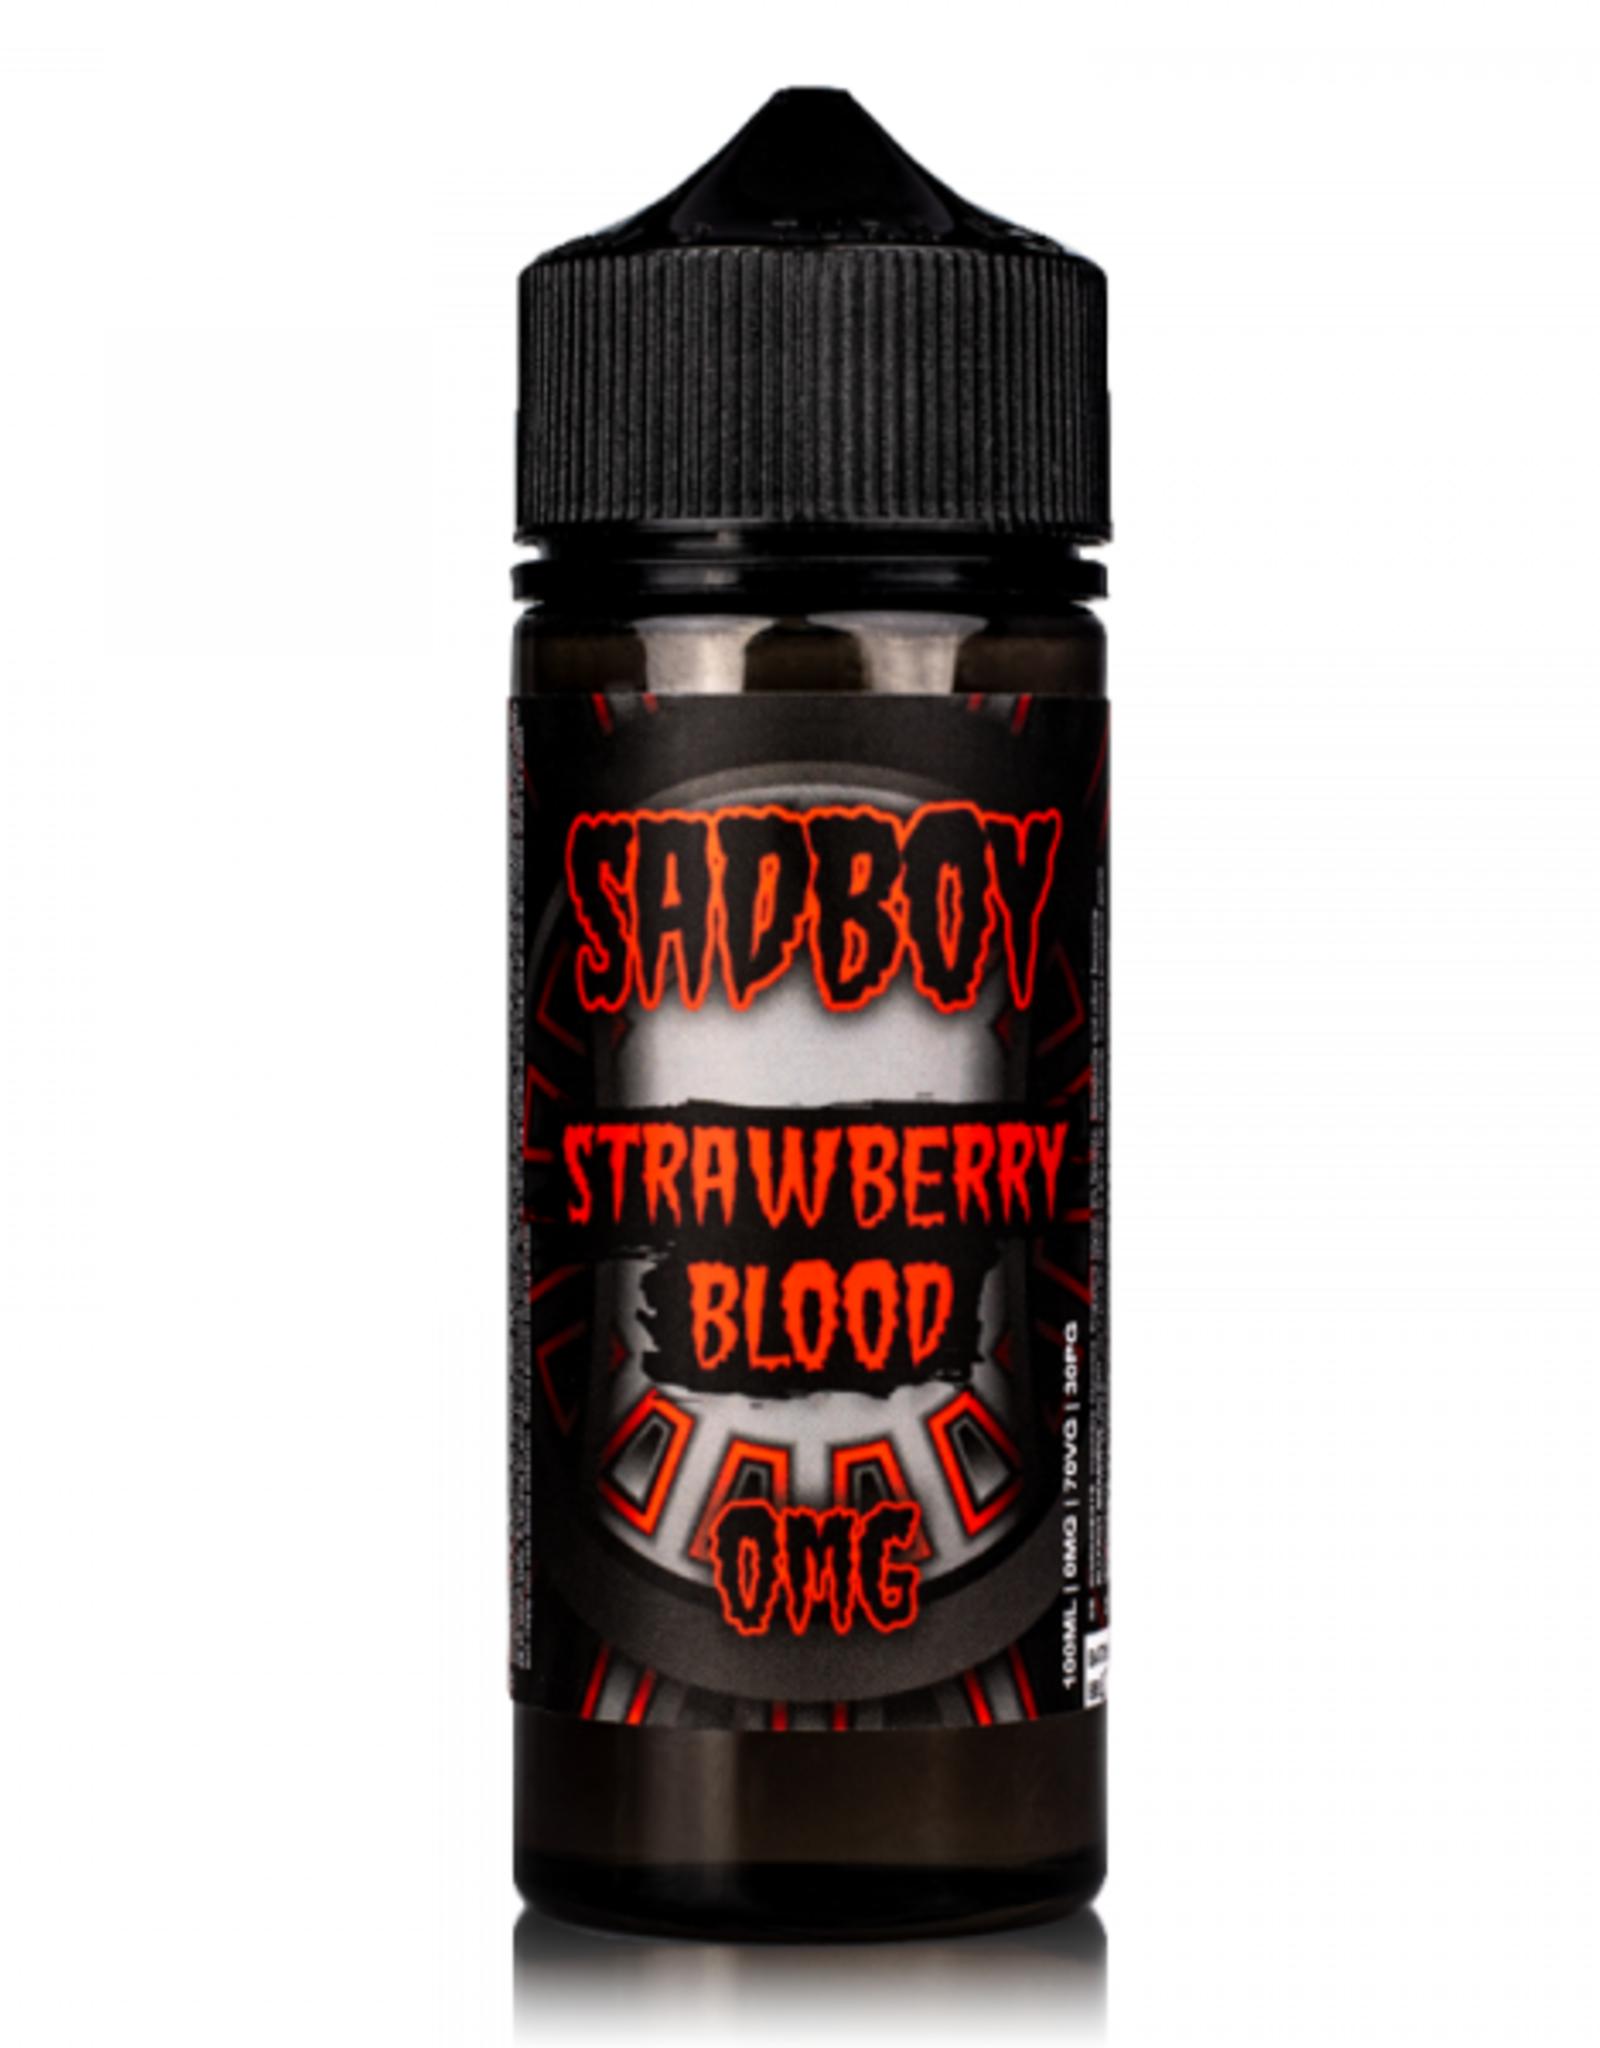 Sadboy Sadboy - Strawberry Blood 100ml